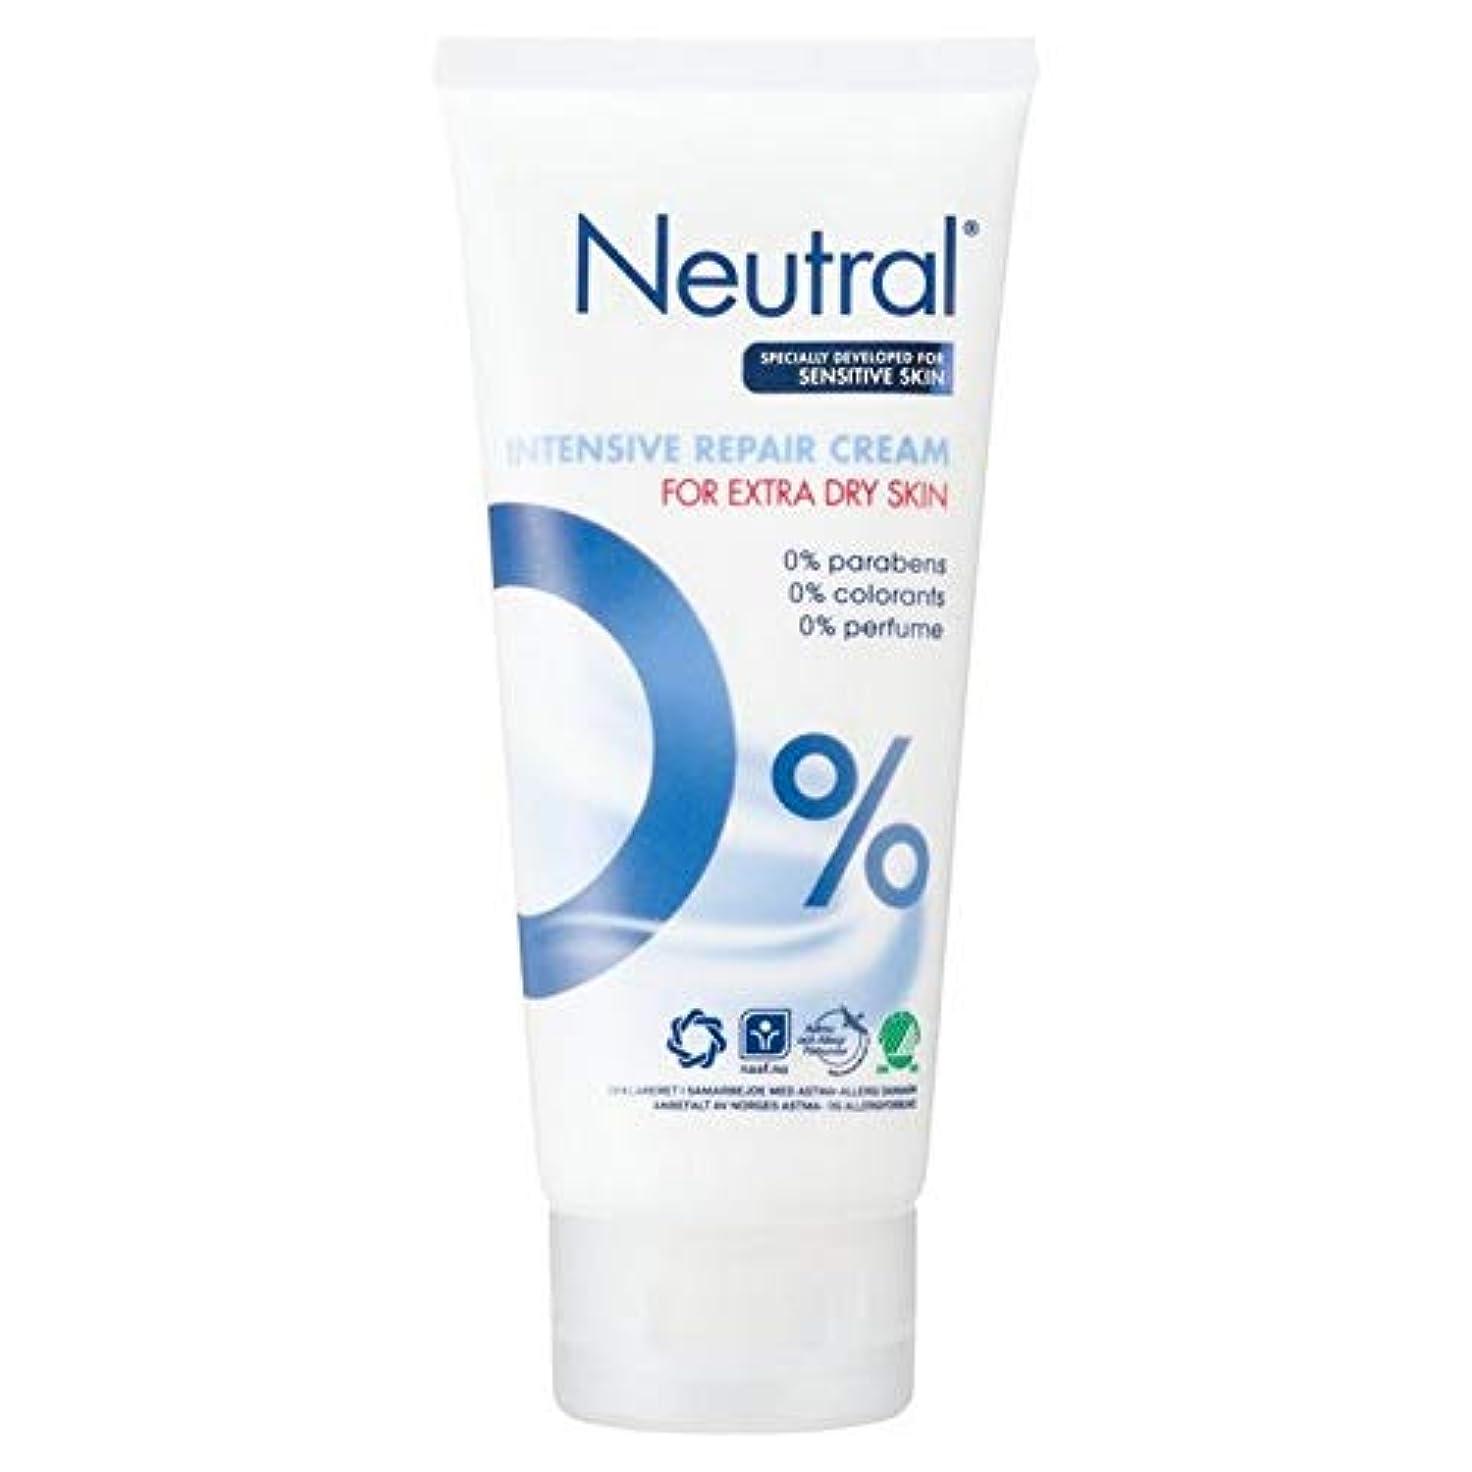 ダース孤児複雑[Neutral ] ニュートラル0%の集中リペアクリーム100ミリリットル - Neutral 0% Intensive Repair Cream 100ml [並行輸入品]